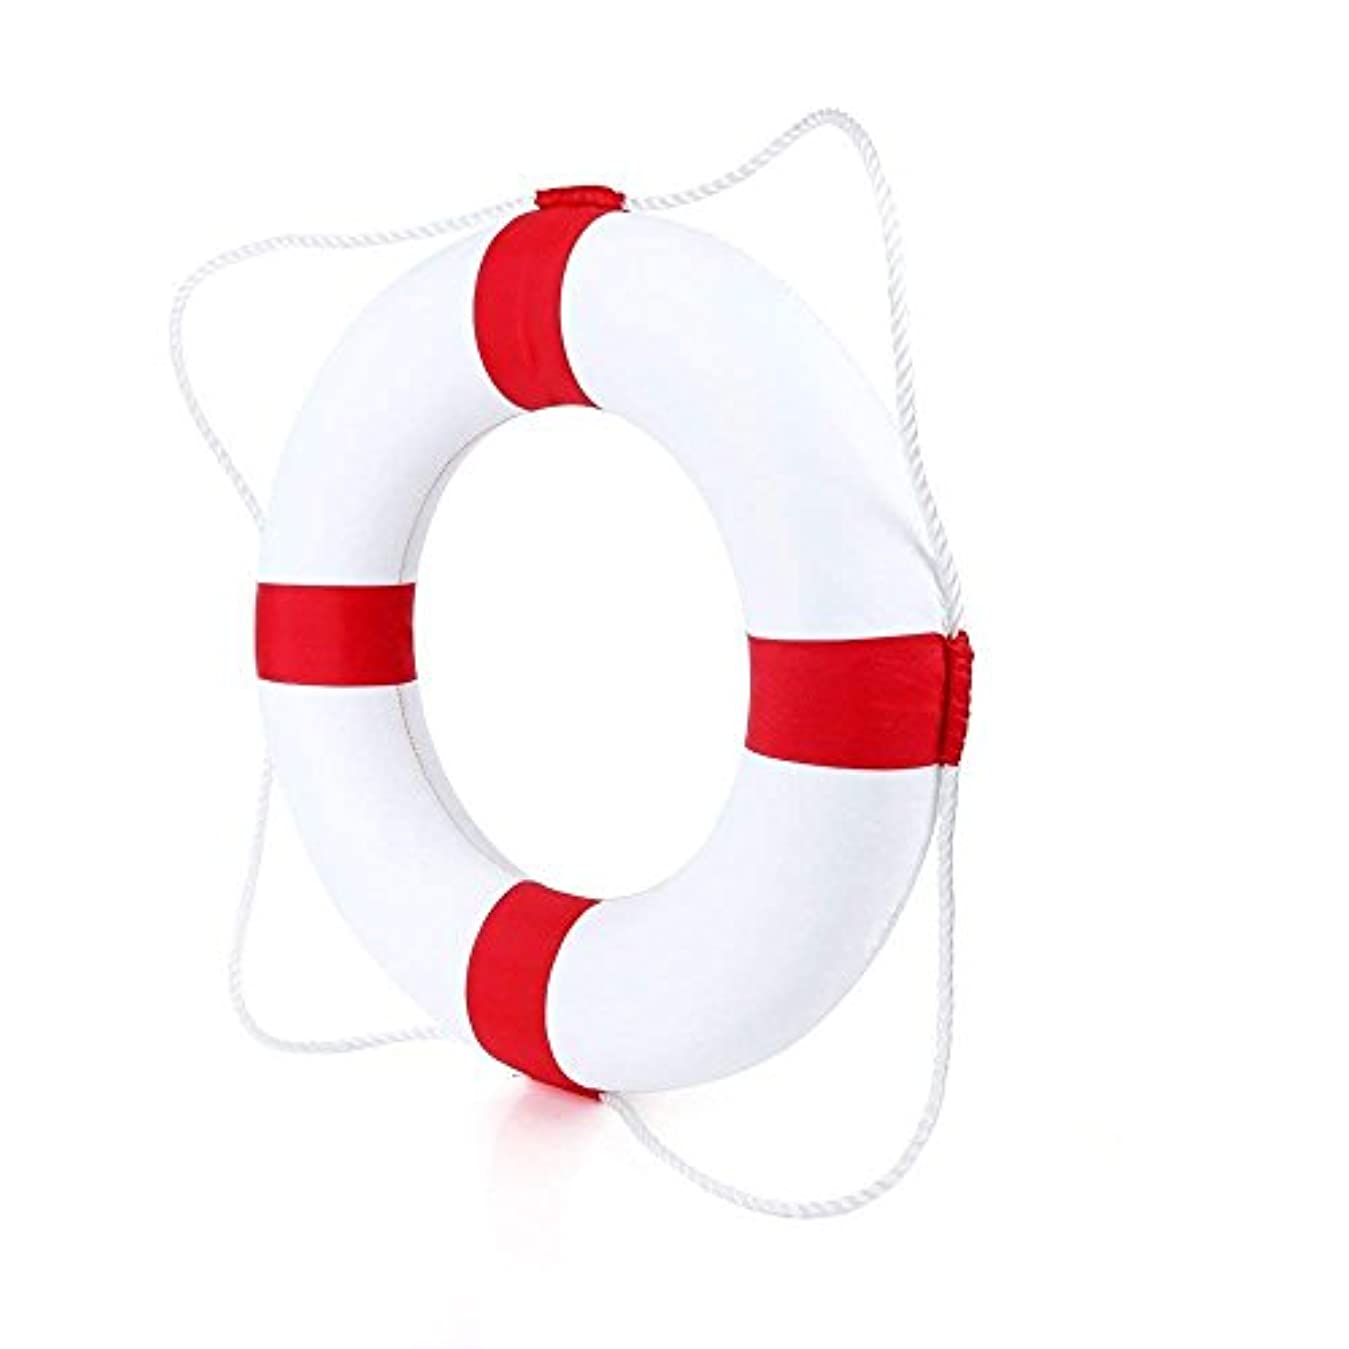 アクチュエータストラトフォードオンエイボンバターBeautihome Lifebuoy 直径52cm/20.5インチ スイムフォームリング ブイ 子供 水泳 プール 安全 ライフ プリザーバー 周囲にロープ付き レッド